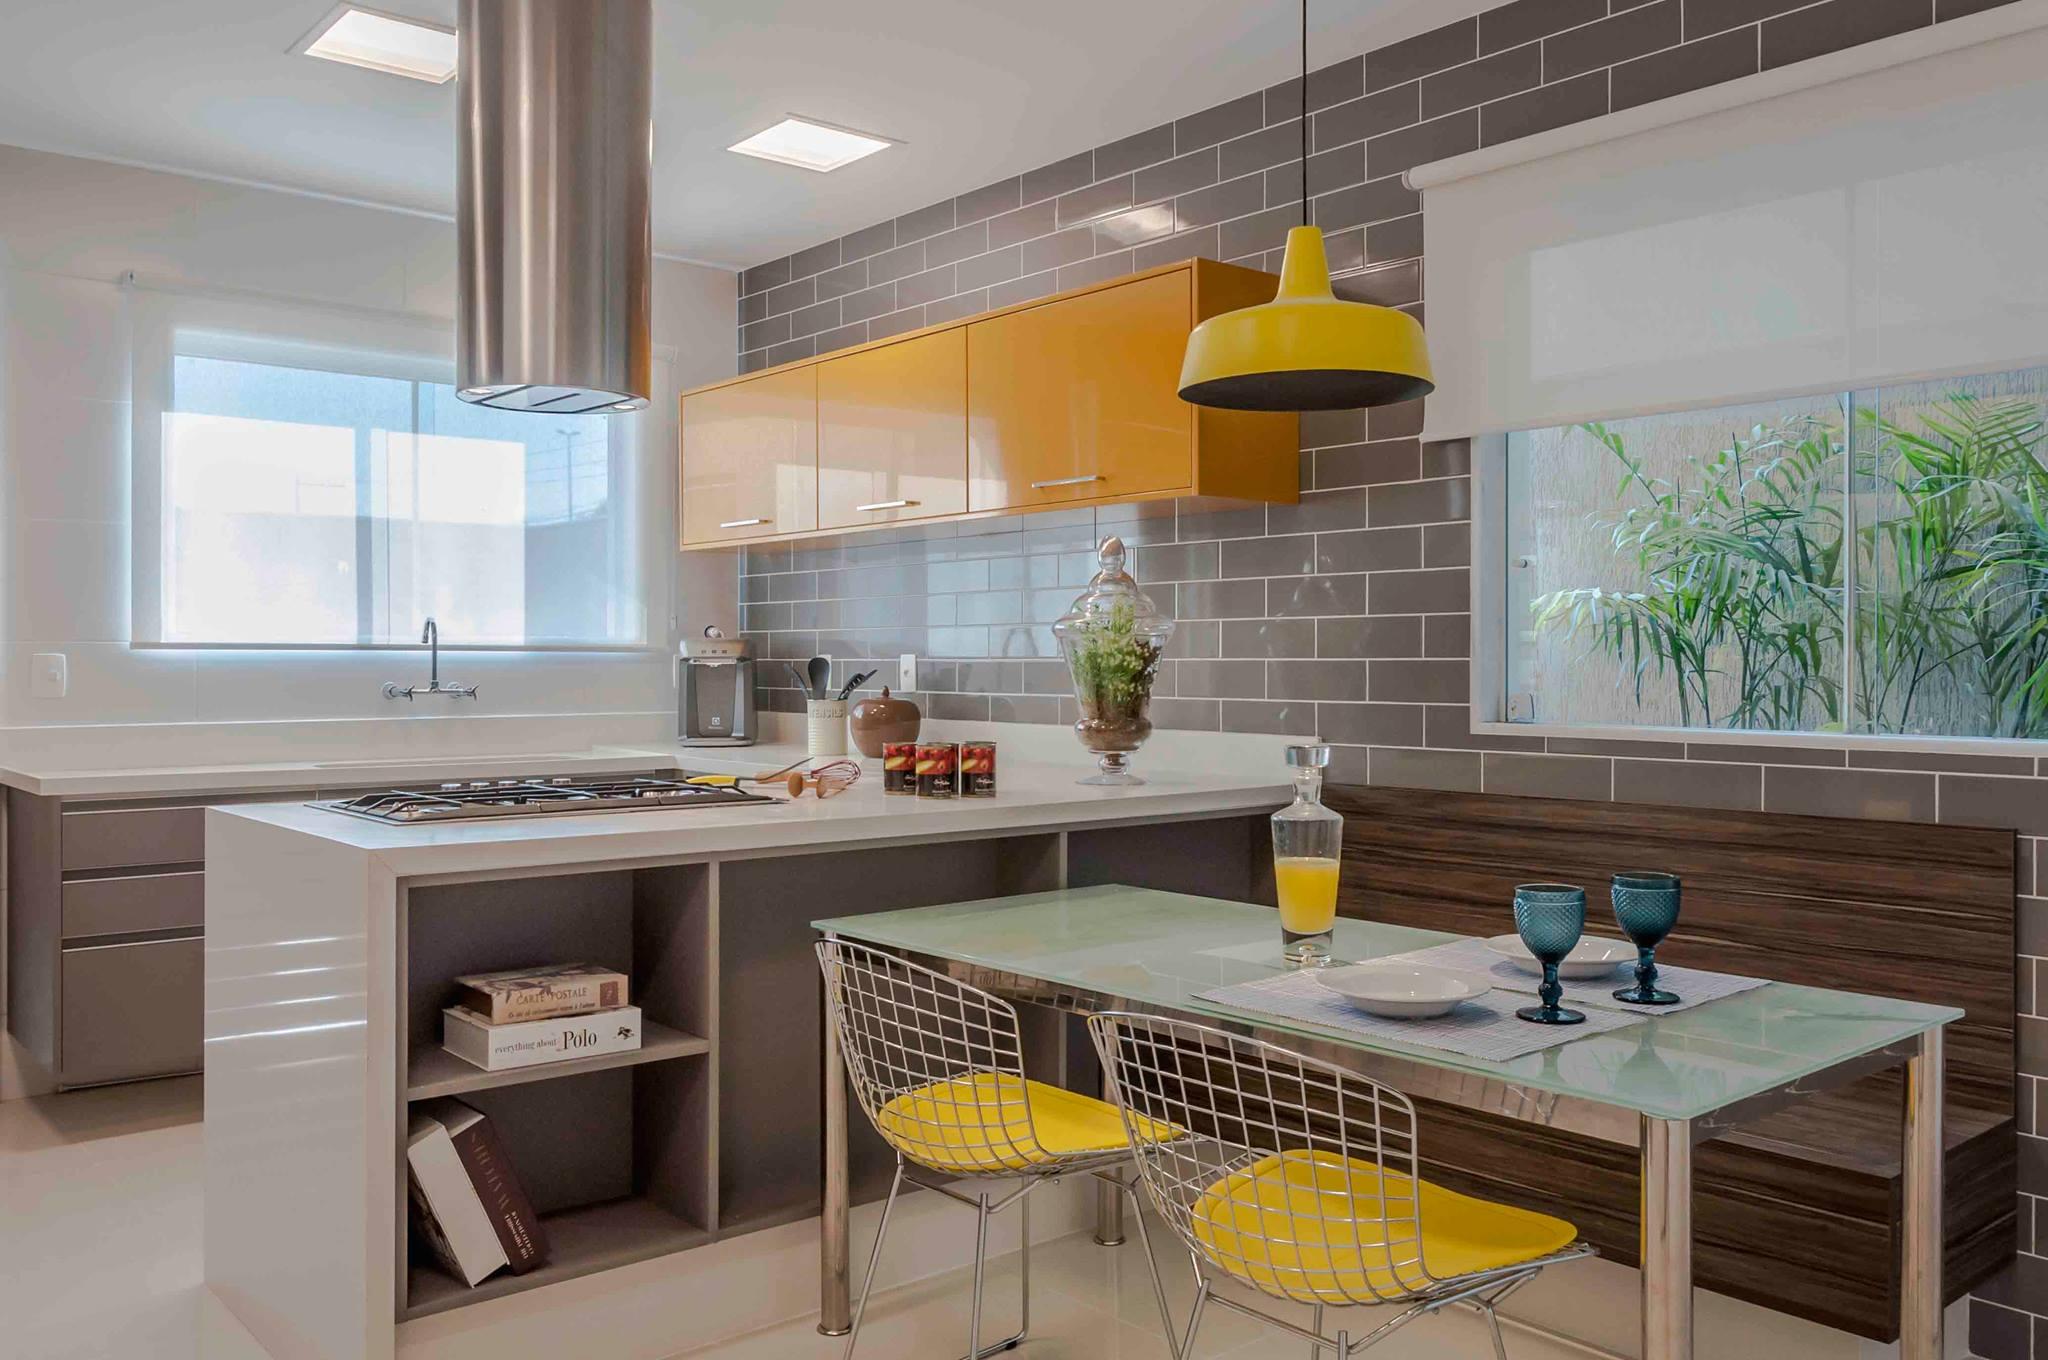 7-Residência - Blue Houses - Por BETA Arquitetura (Arquitetos Bernardo Gaudie-Ley e Tania Braida)